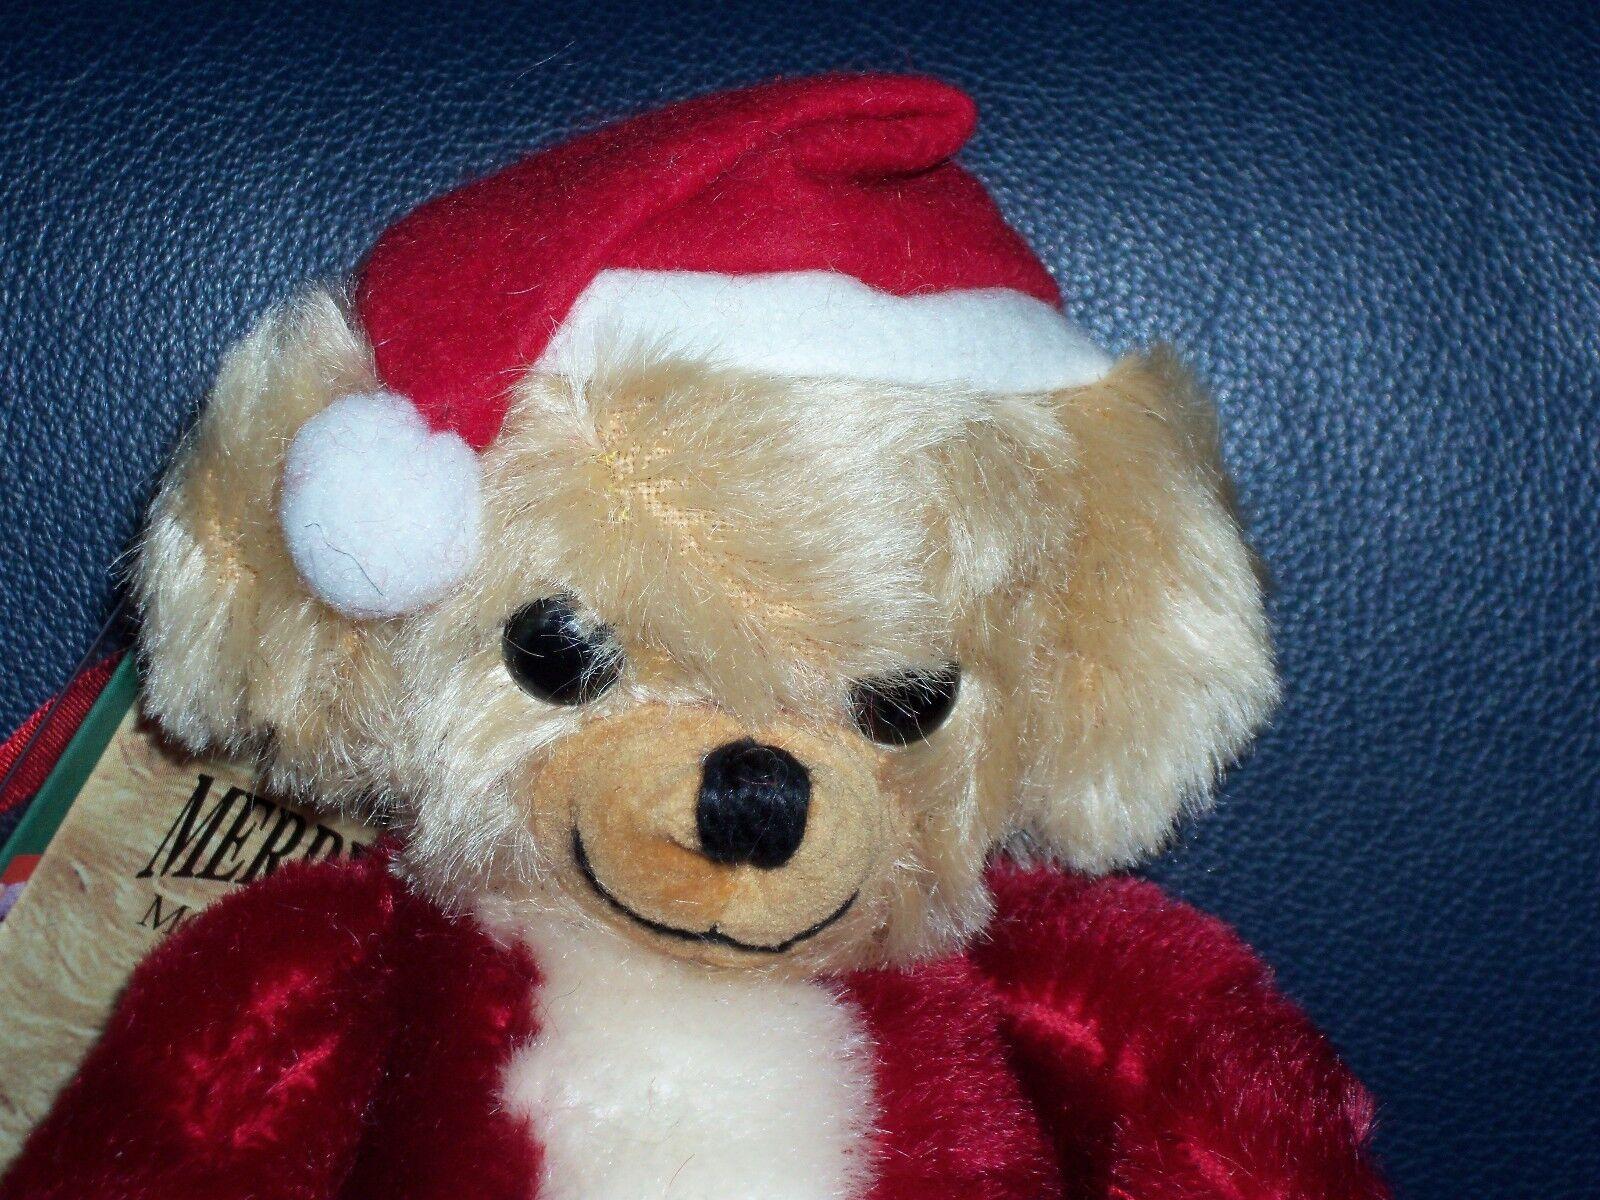 NWT Merrythought Cheeky Little Santa Mohair Teddy Bear Ornament Ltd Ed 97 500